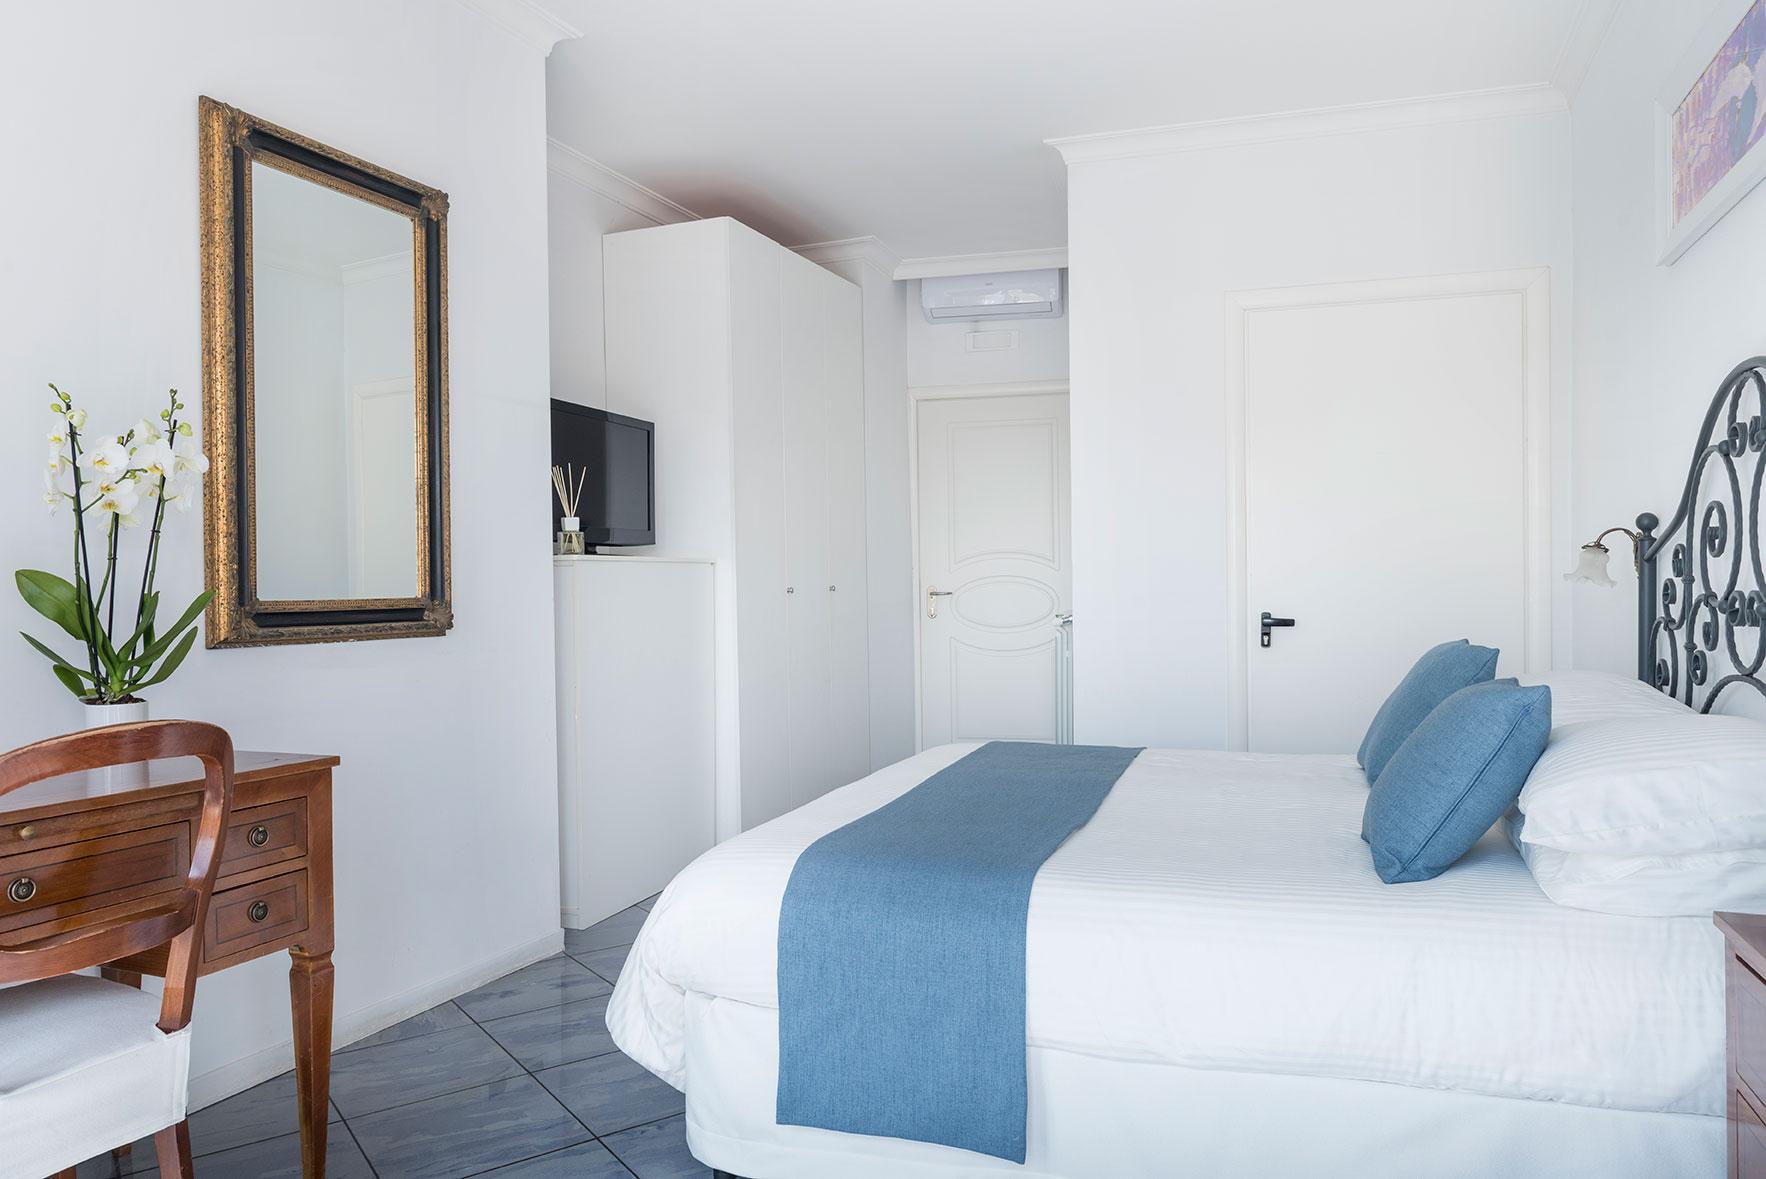 camere-superior-fiorentini-residence-napoli-1